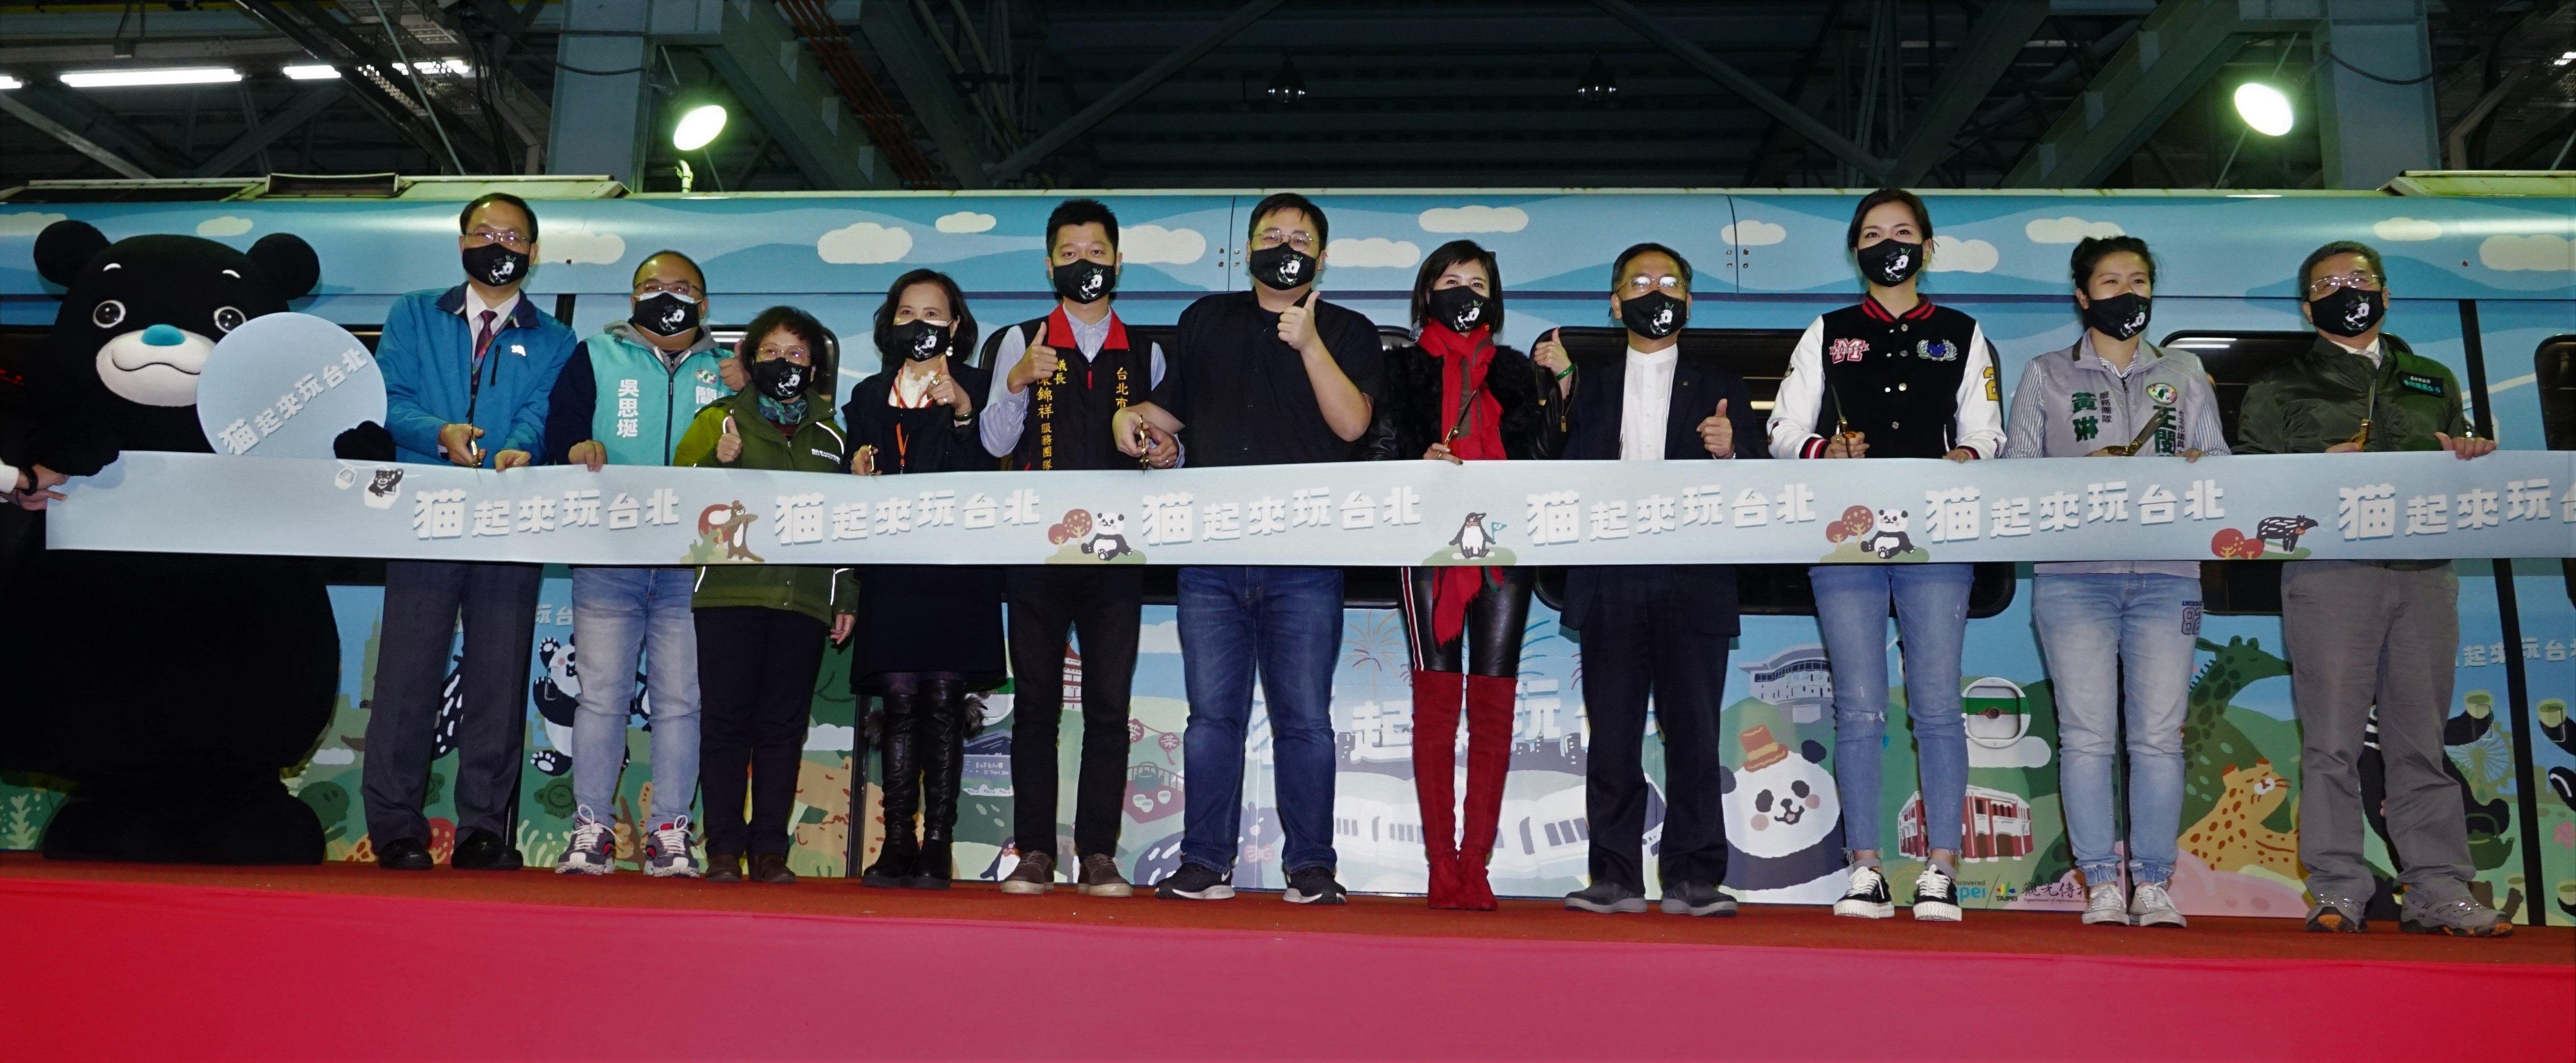 猫起來玩台北觀光彩繪列車今(16)日舉辦通車典禮,臺北市副市長蔡炳坤(右4)、觀傳局局長